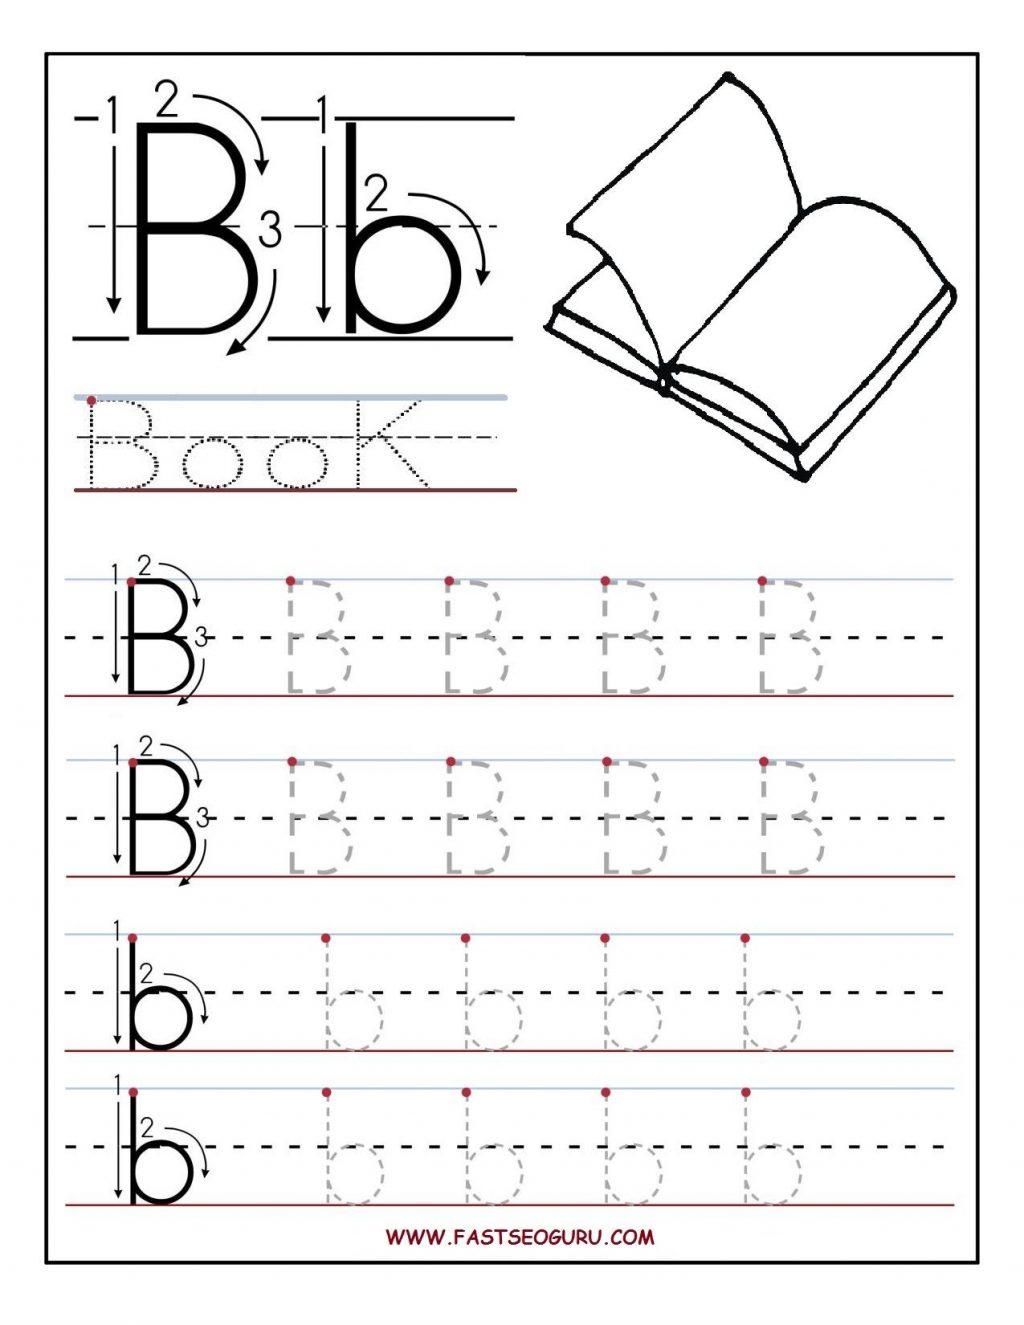 Worksheet ~ Tracing Worksheets For Preschoolers Preschool inside Pre-K Worksheets Alphabet Tracing